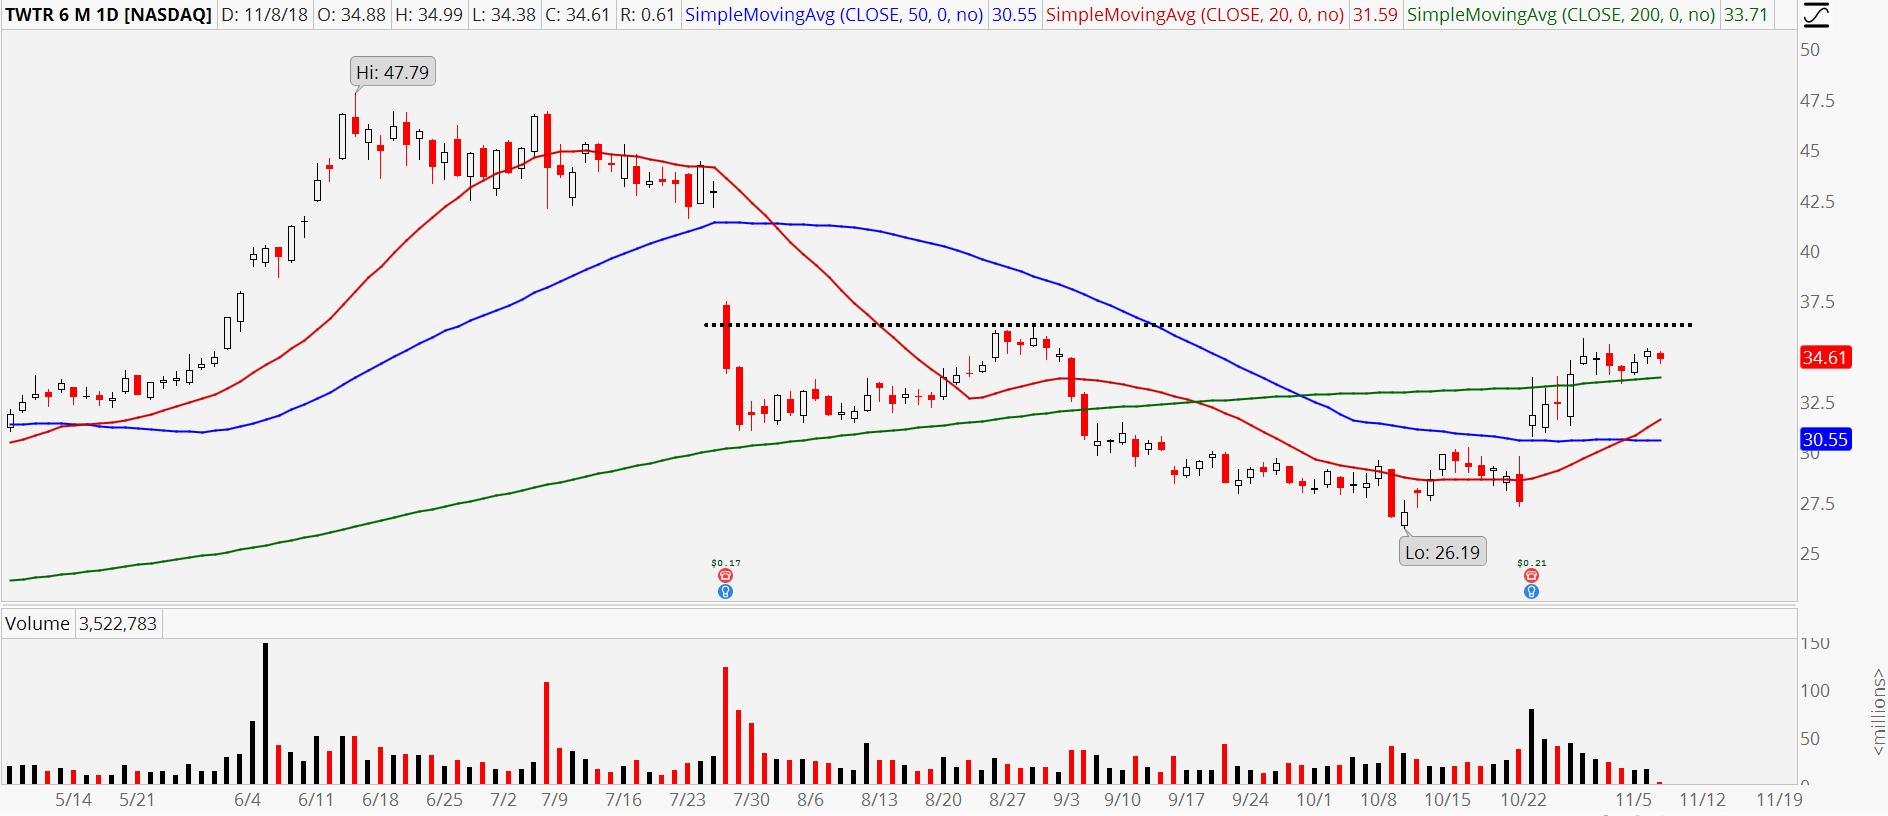 3 Relative Strength Stocks to Buy: Twitter (TWTR)